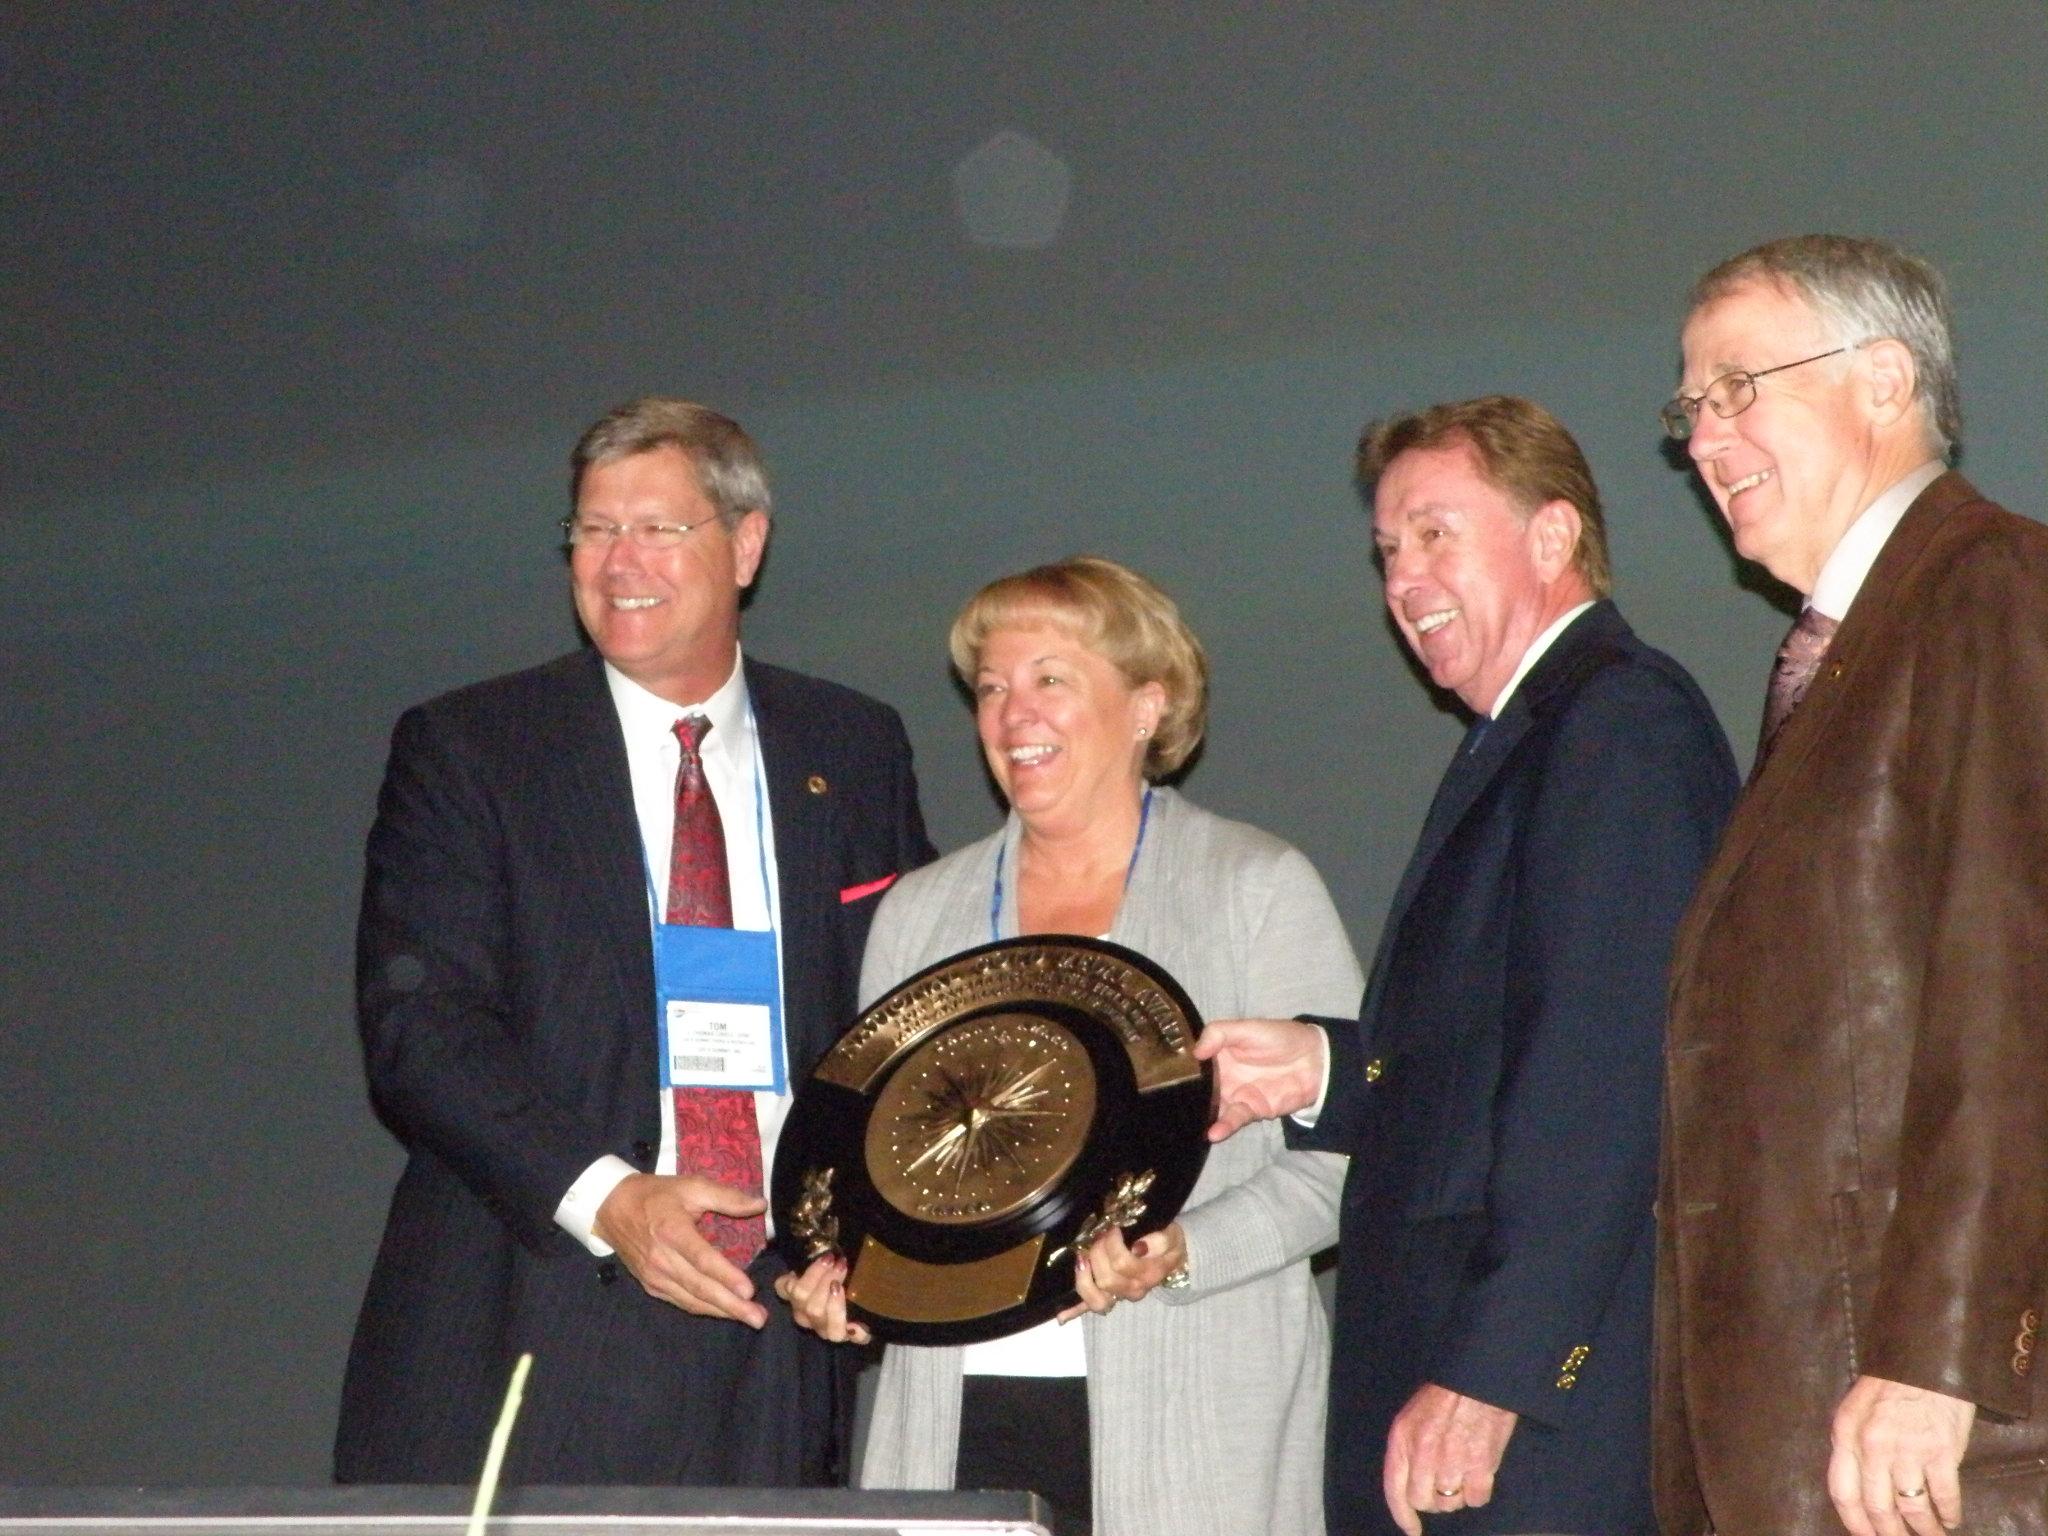 Tom Lovell 03 receiving NRPA Gold Medal 2010.JPG